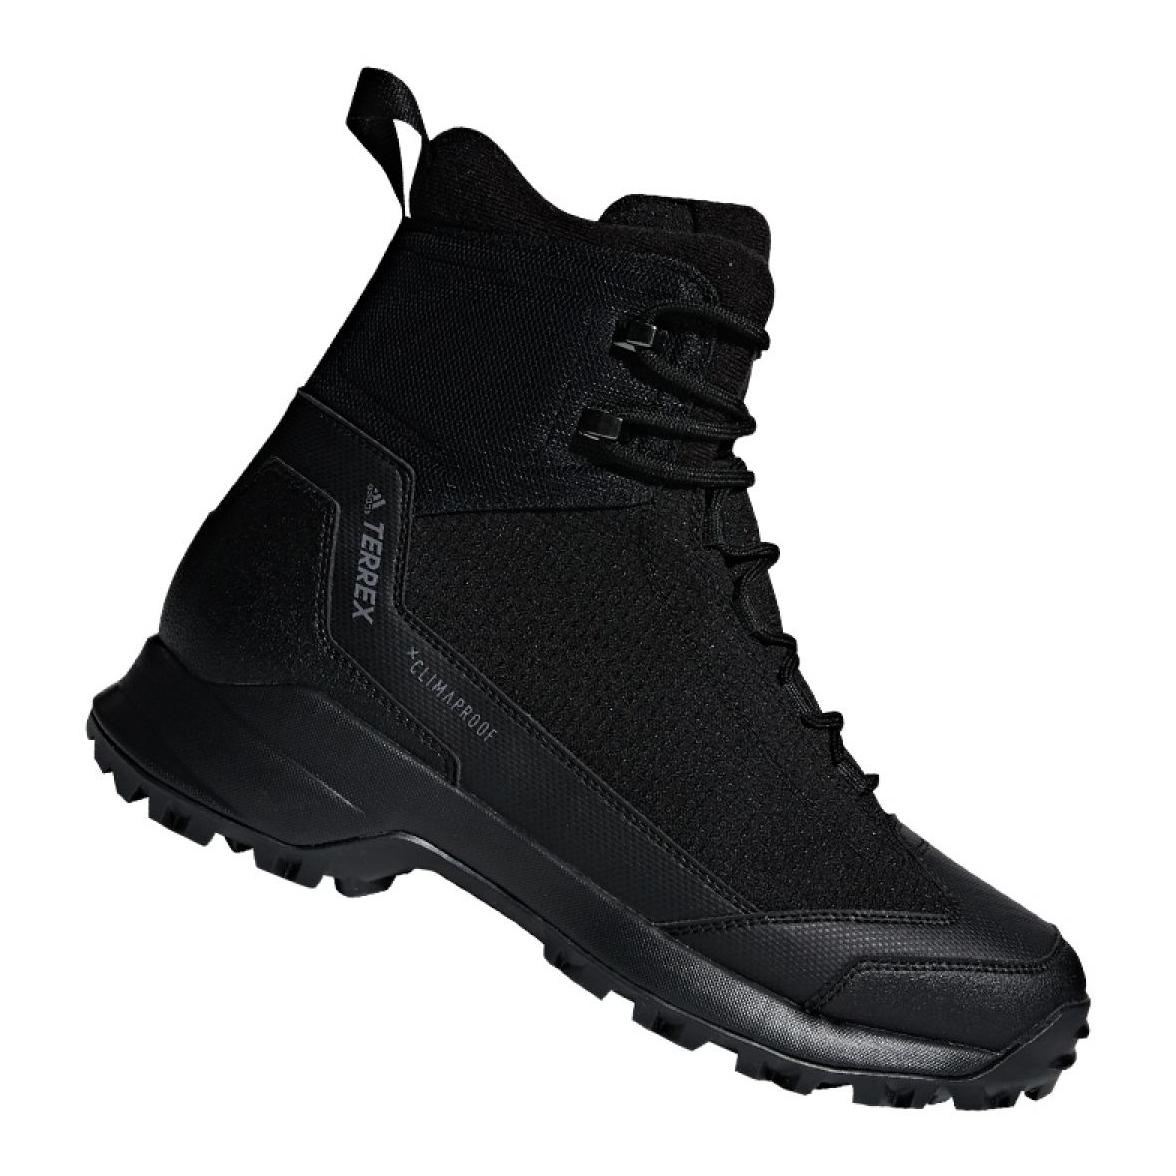 Details about Adidas Terrex Frozetrack H Cw Cp M CV8273 shoes black